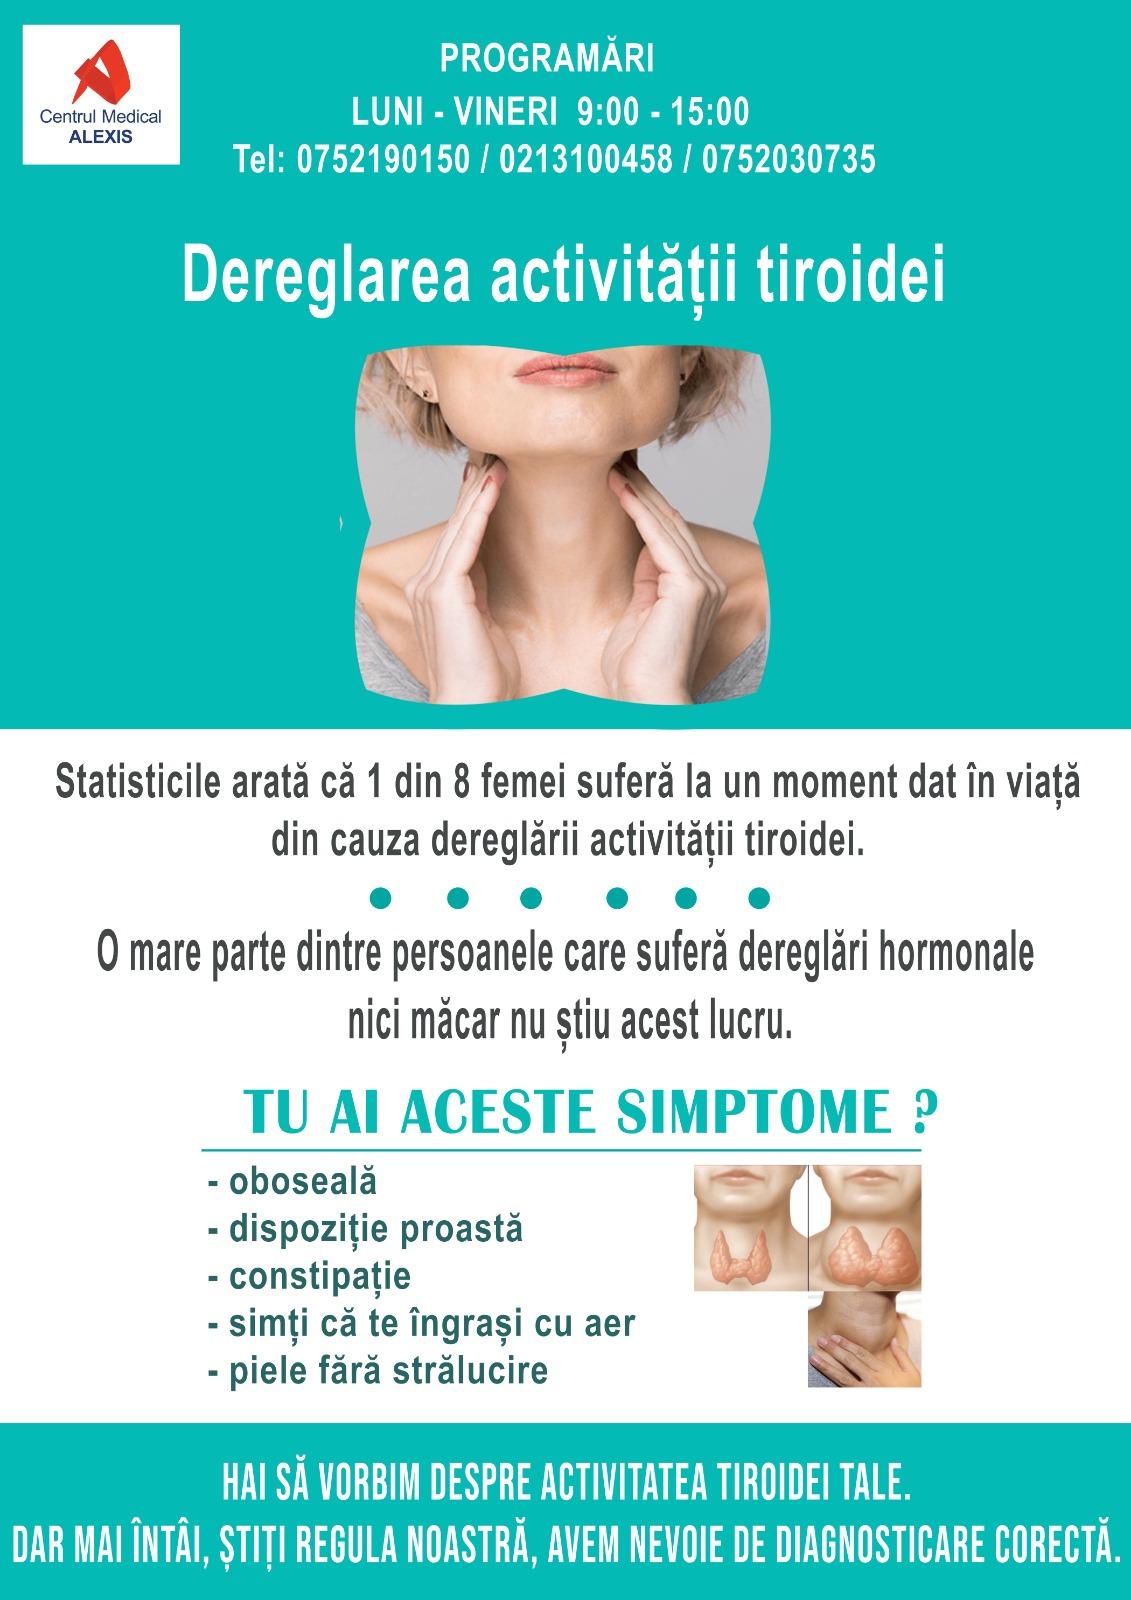 - dereglarea activitatii tiroidiene CM Alexis 2020 - 1 din 8 femei suferă la un moment dat din cauza dereglării activității tiroidei